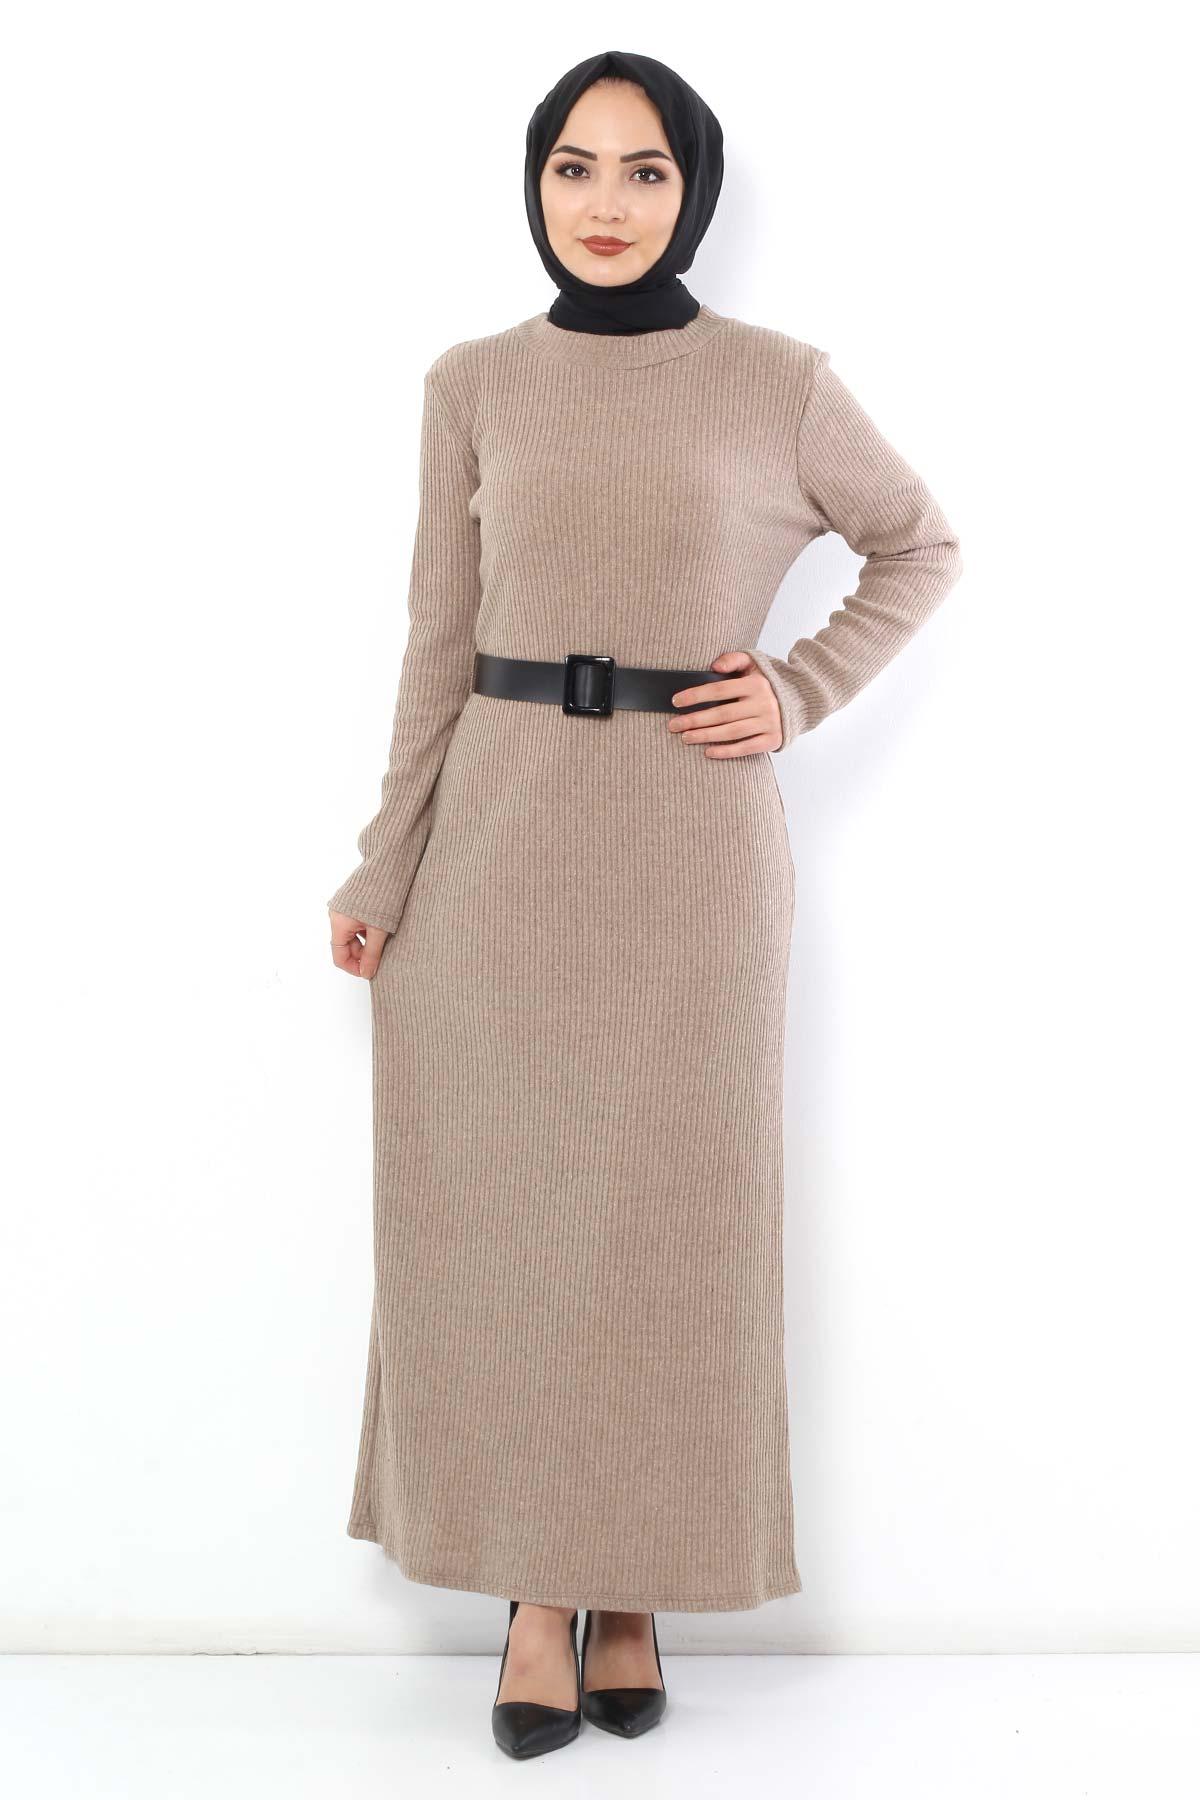 Belted Knitwear Dress TSD1742 Beige